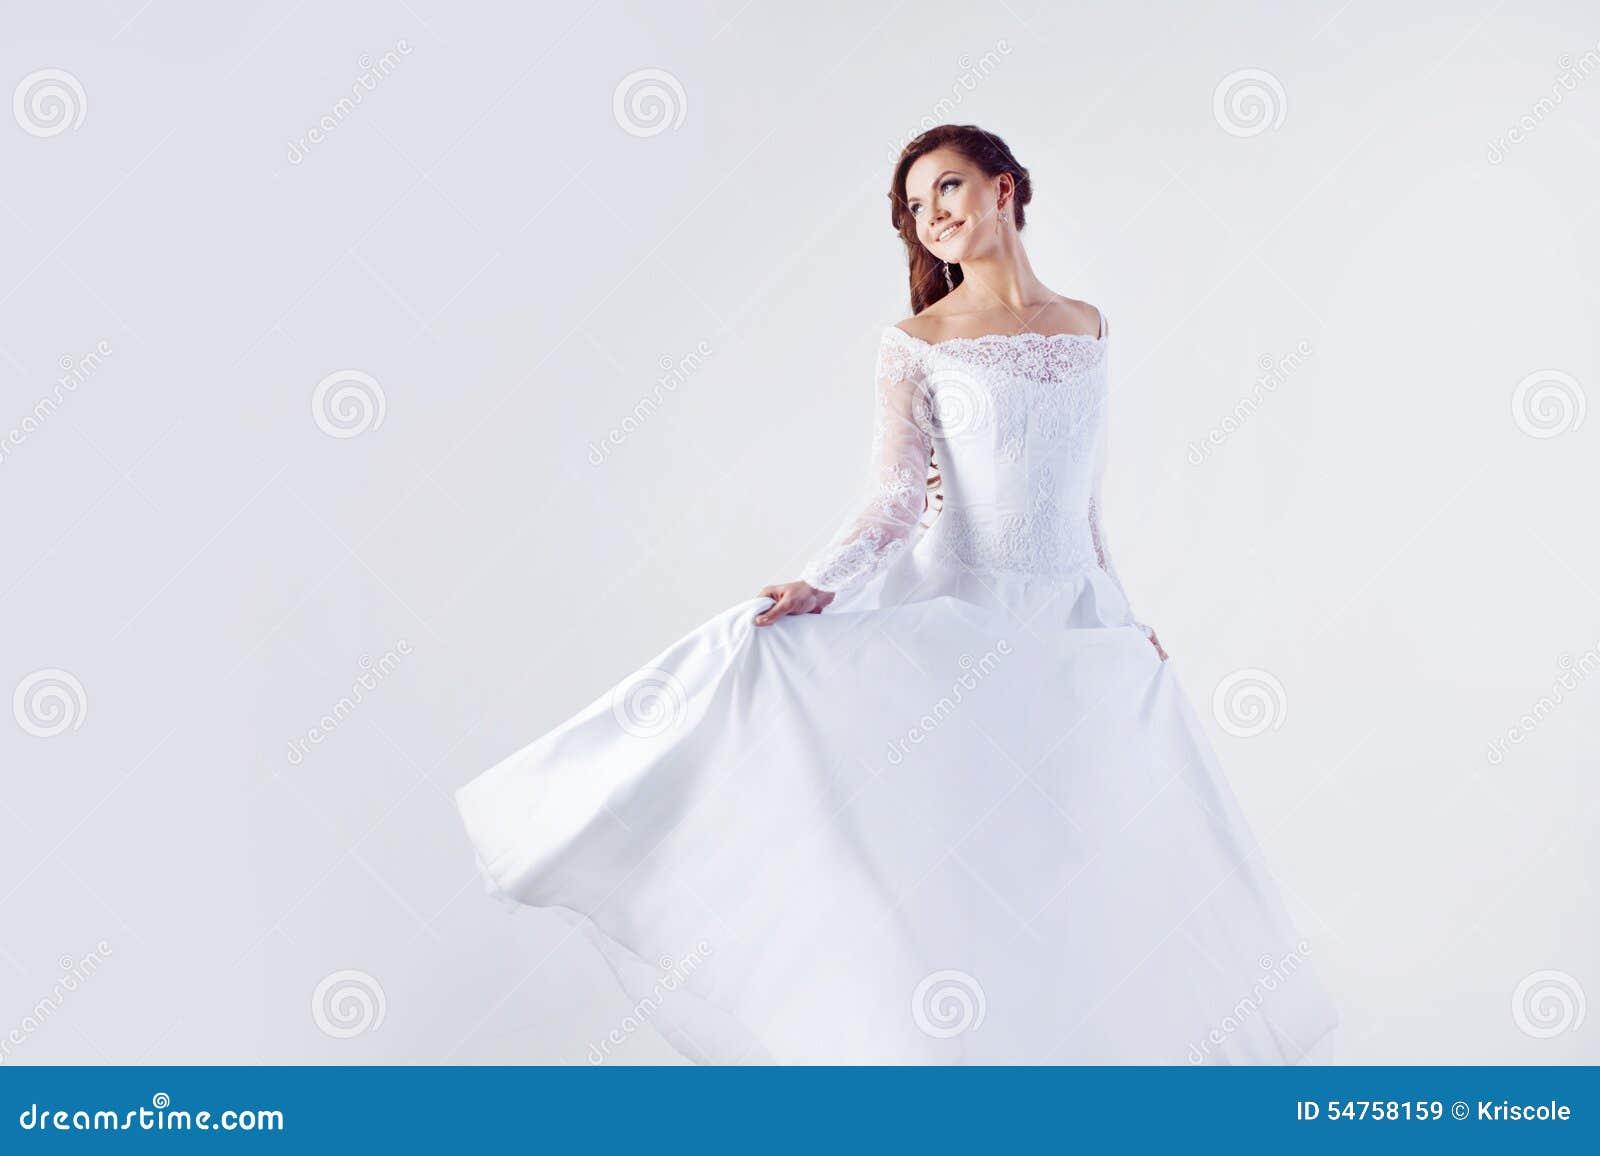 Schone Braut Im Hochzeitskleid Weisser Hintergrund Stockbild Bild